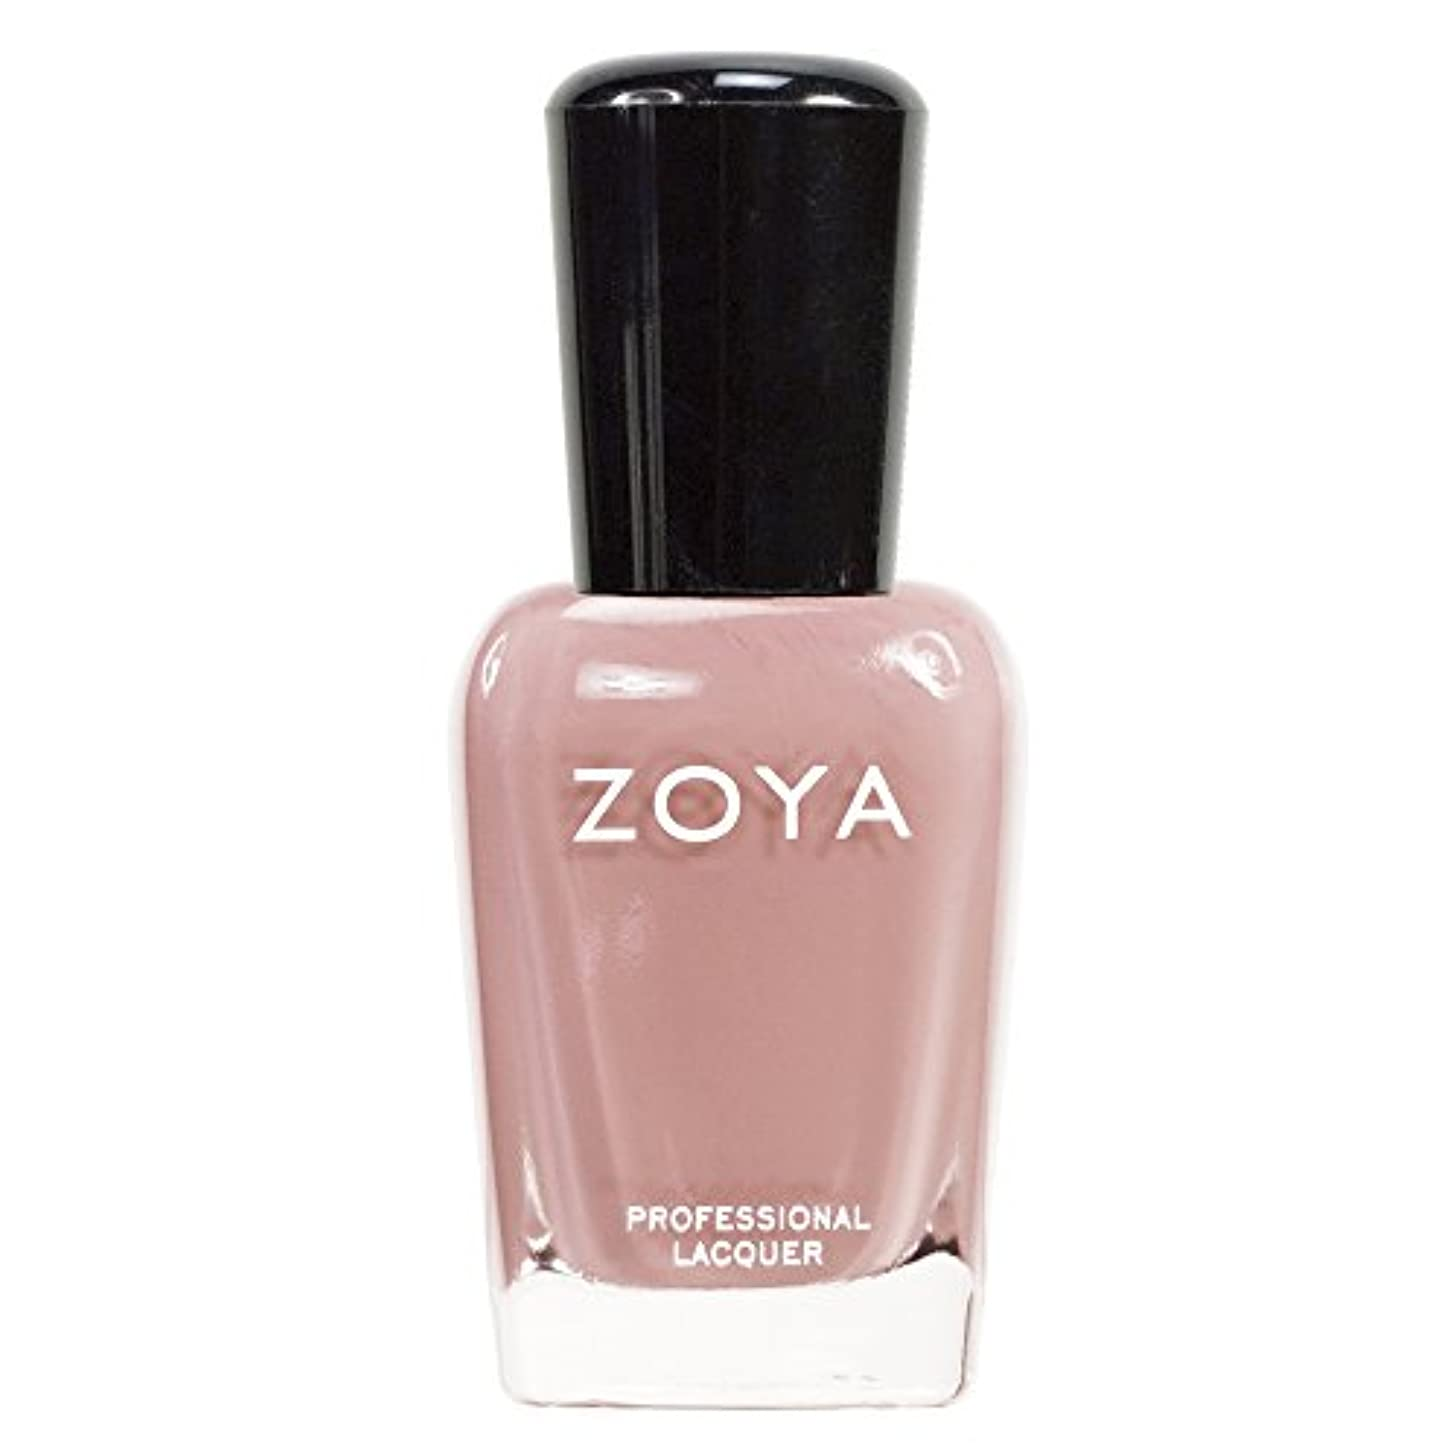 確認する沈黙時々時々ZOYA ゾーヤ ネイルカラーZP380 AMANDA アマンダ  15ml 上品なスモーキーなピンク マット 爪にやさしいネイルラッカーマニキュア